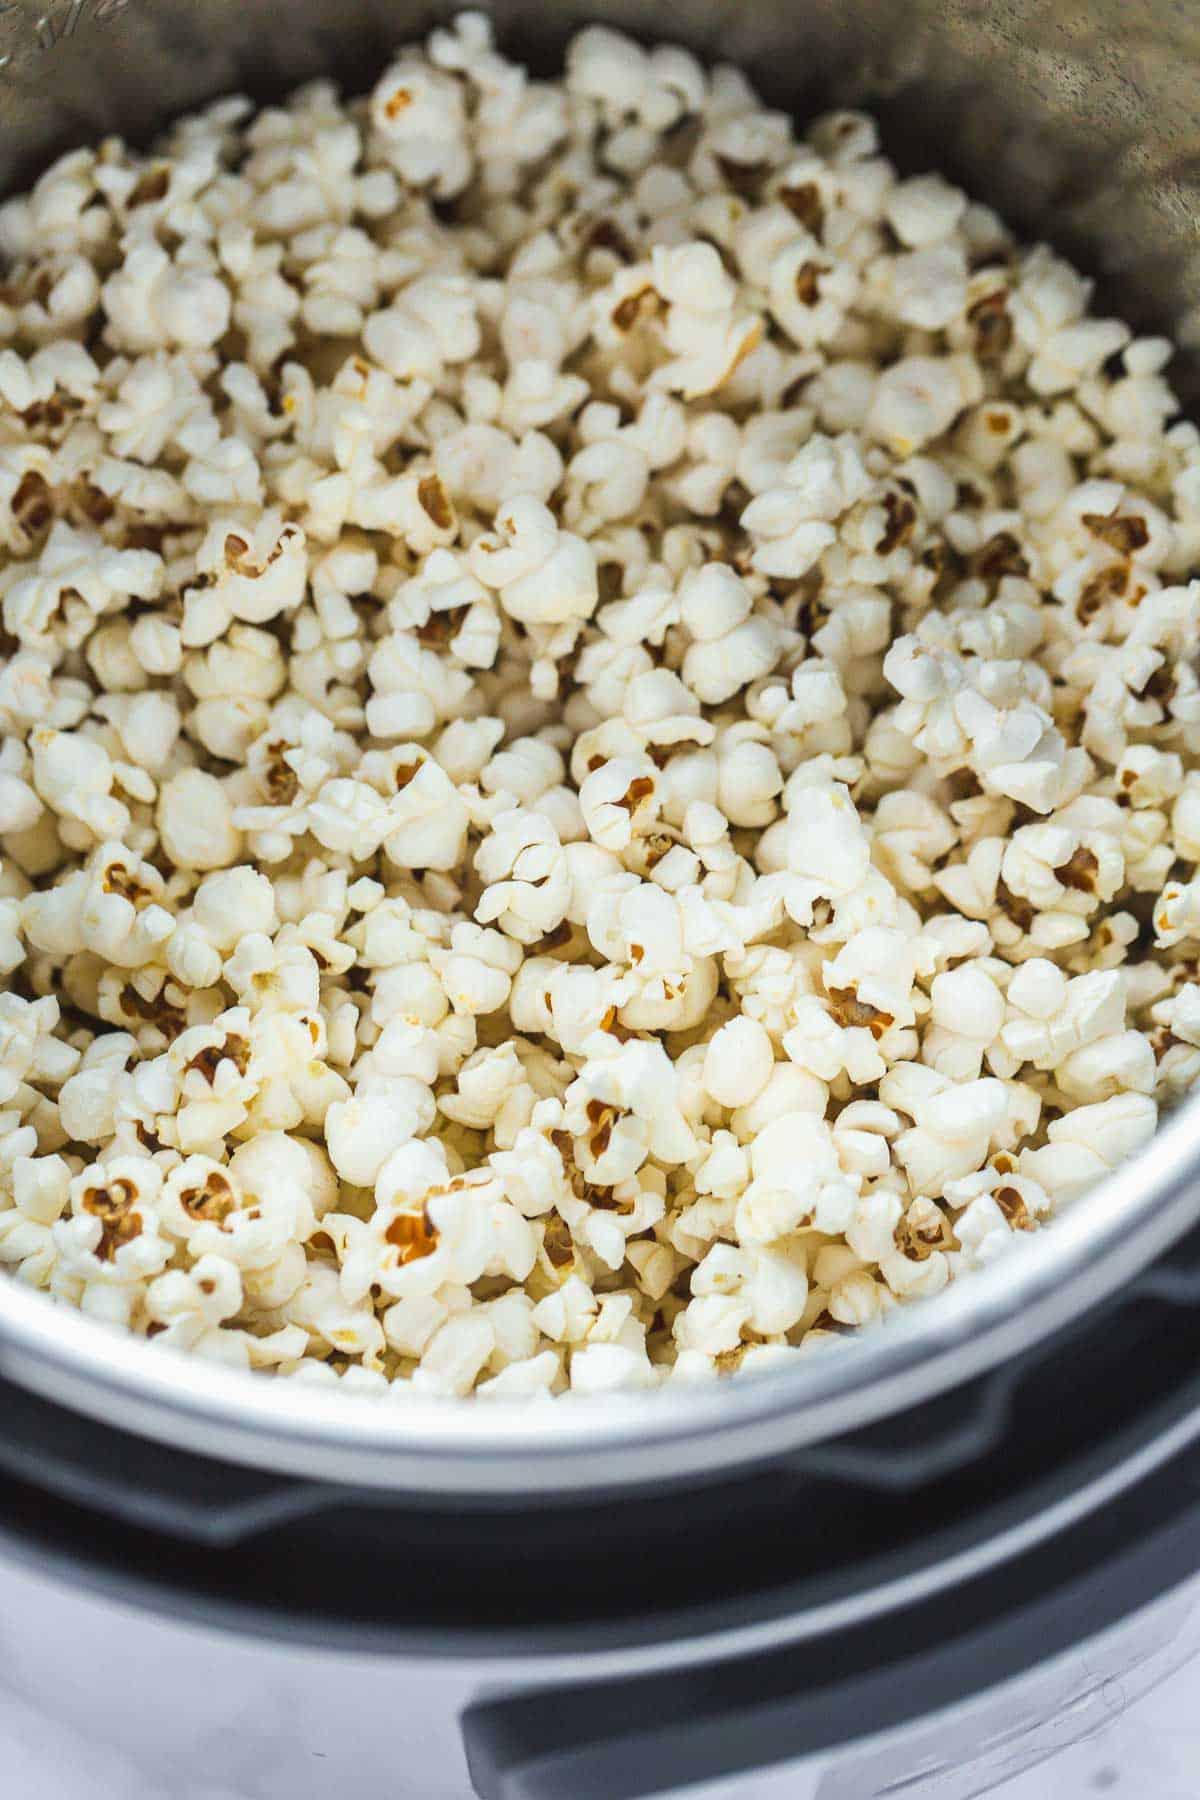 Making popcorn in Instant Pot